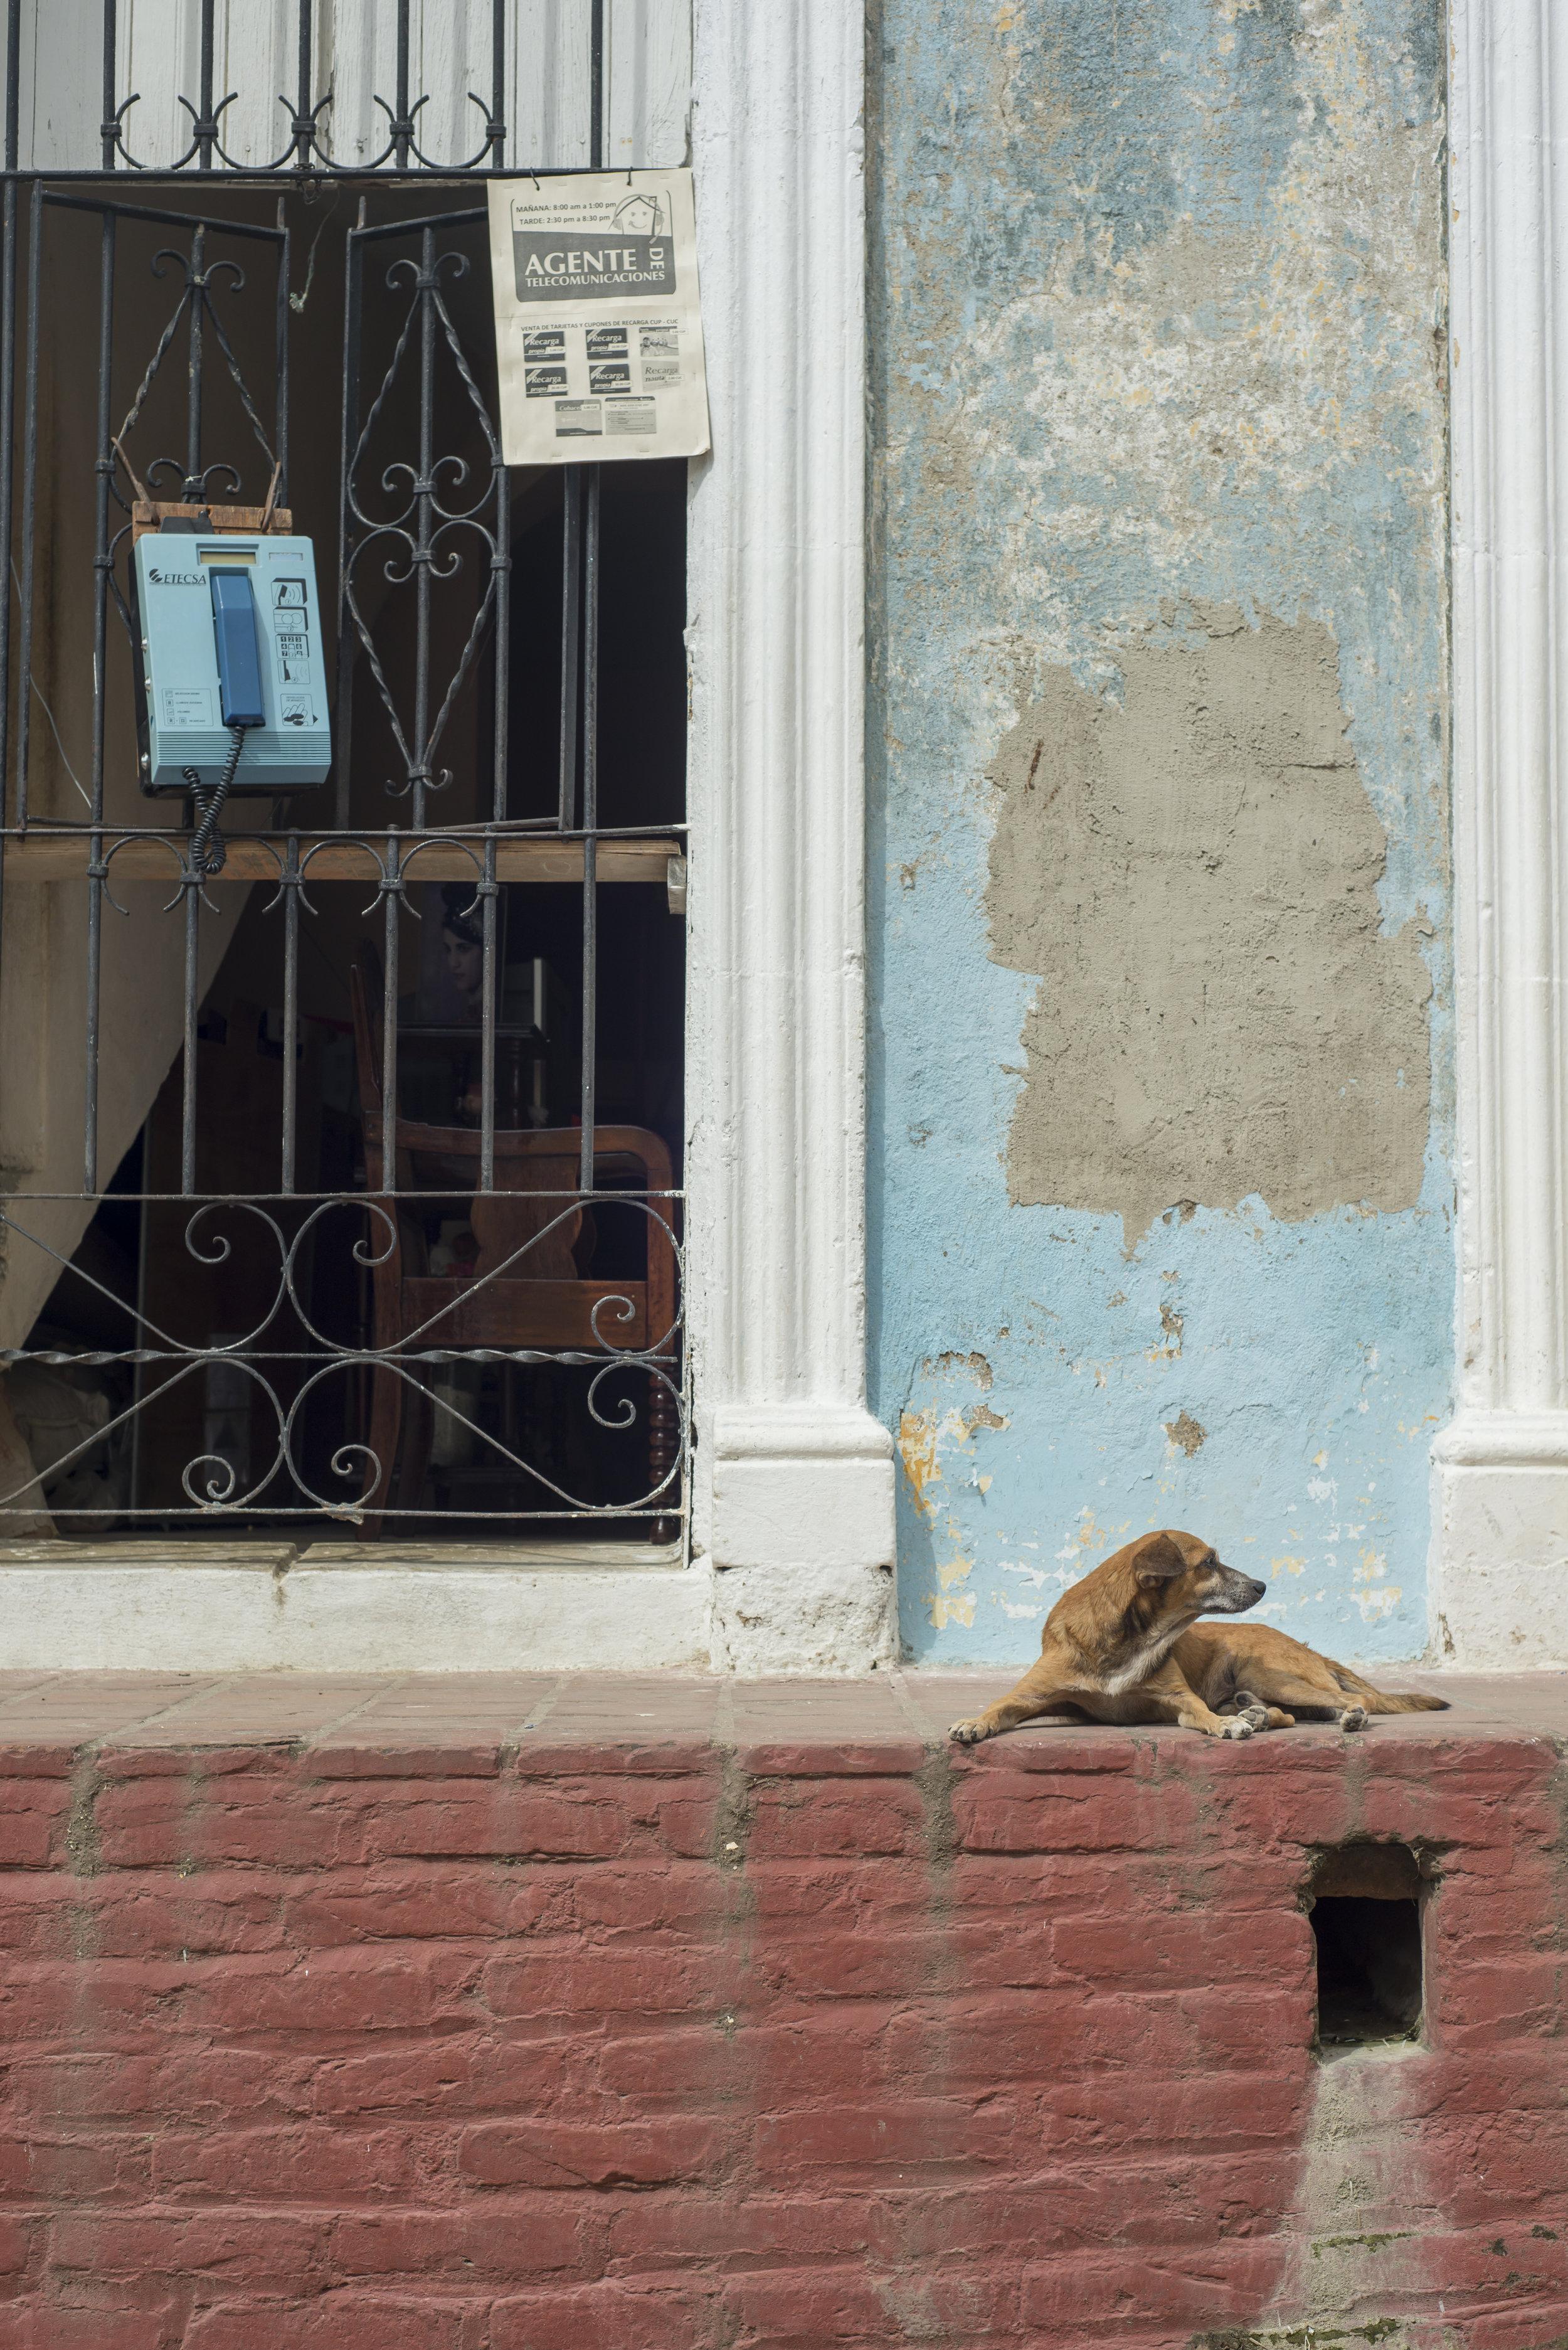 Cuba-8519.jpg